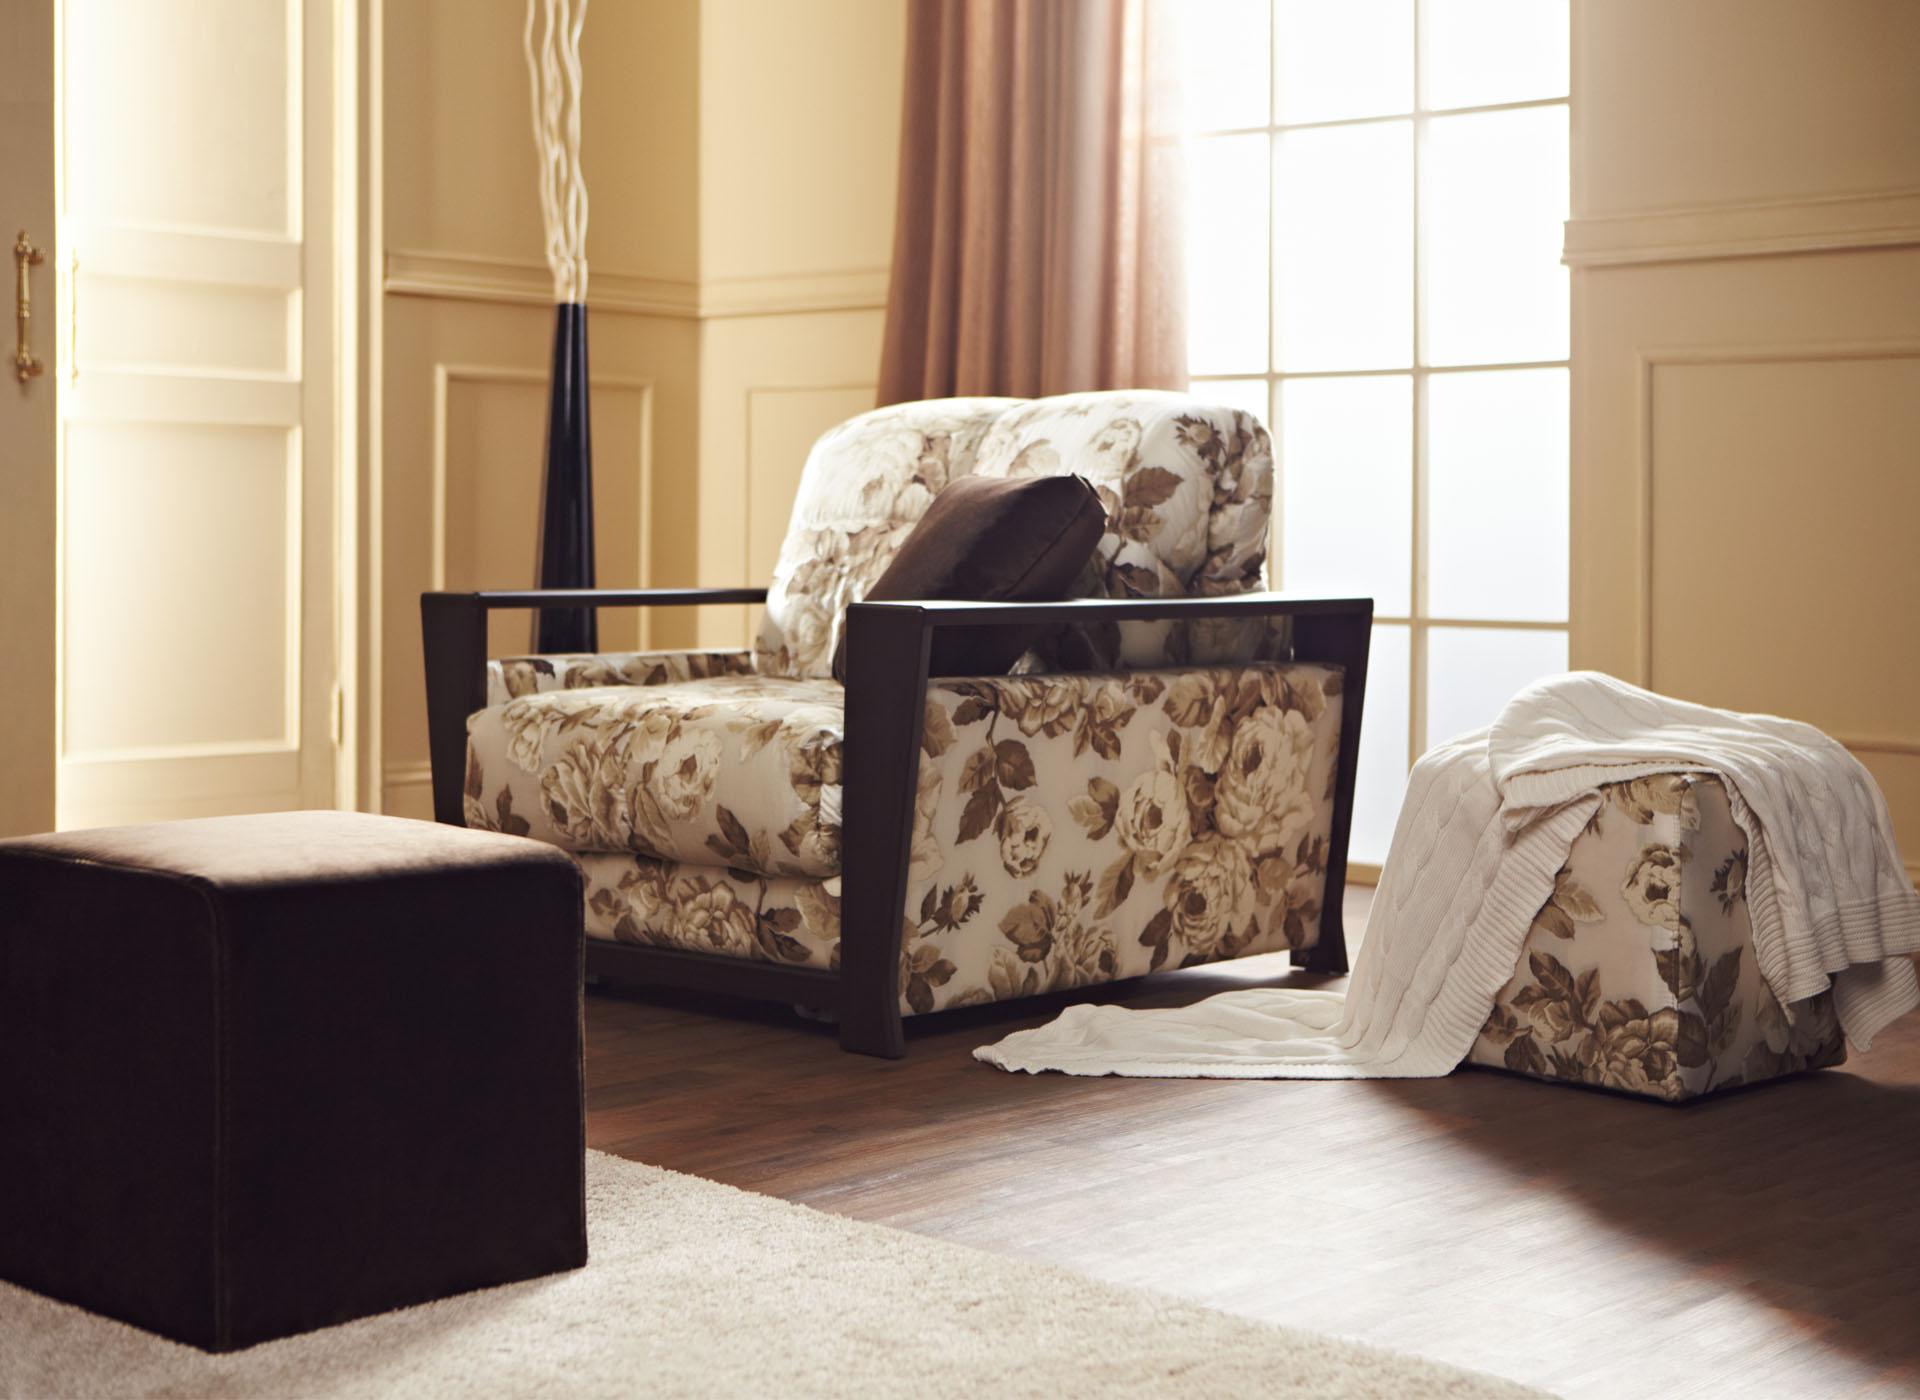 Минимальные, максимальные и оптимальные размеры кресла-кровати: узкие, широкие, большие, маленькие, мягкие, угловые и другие модели